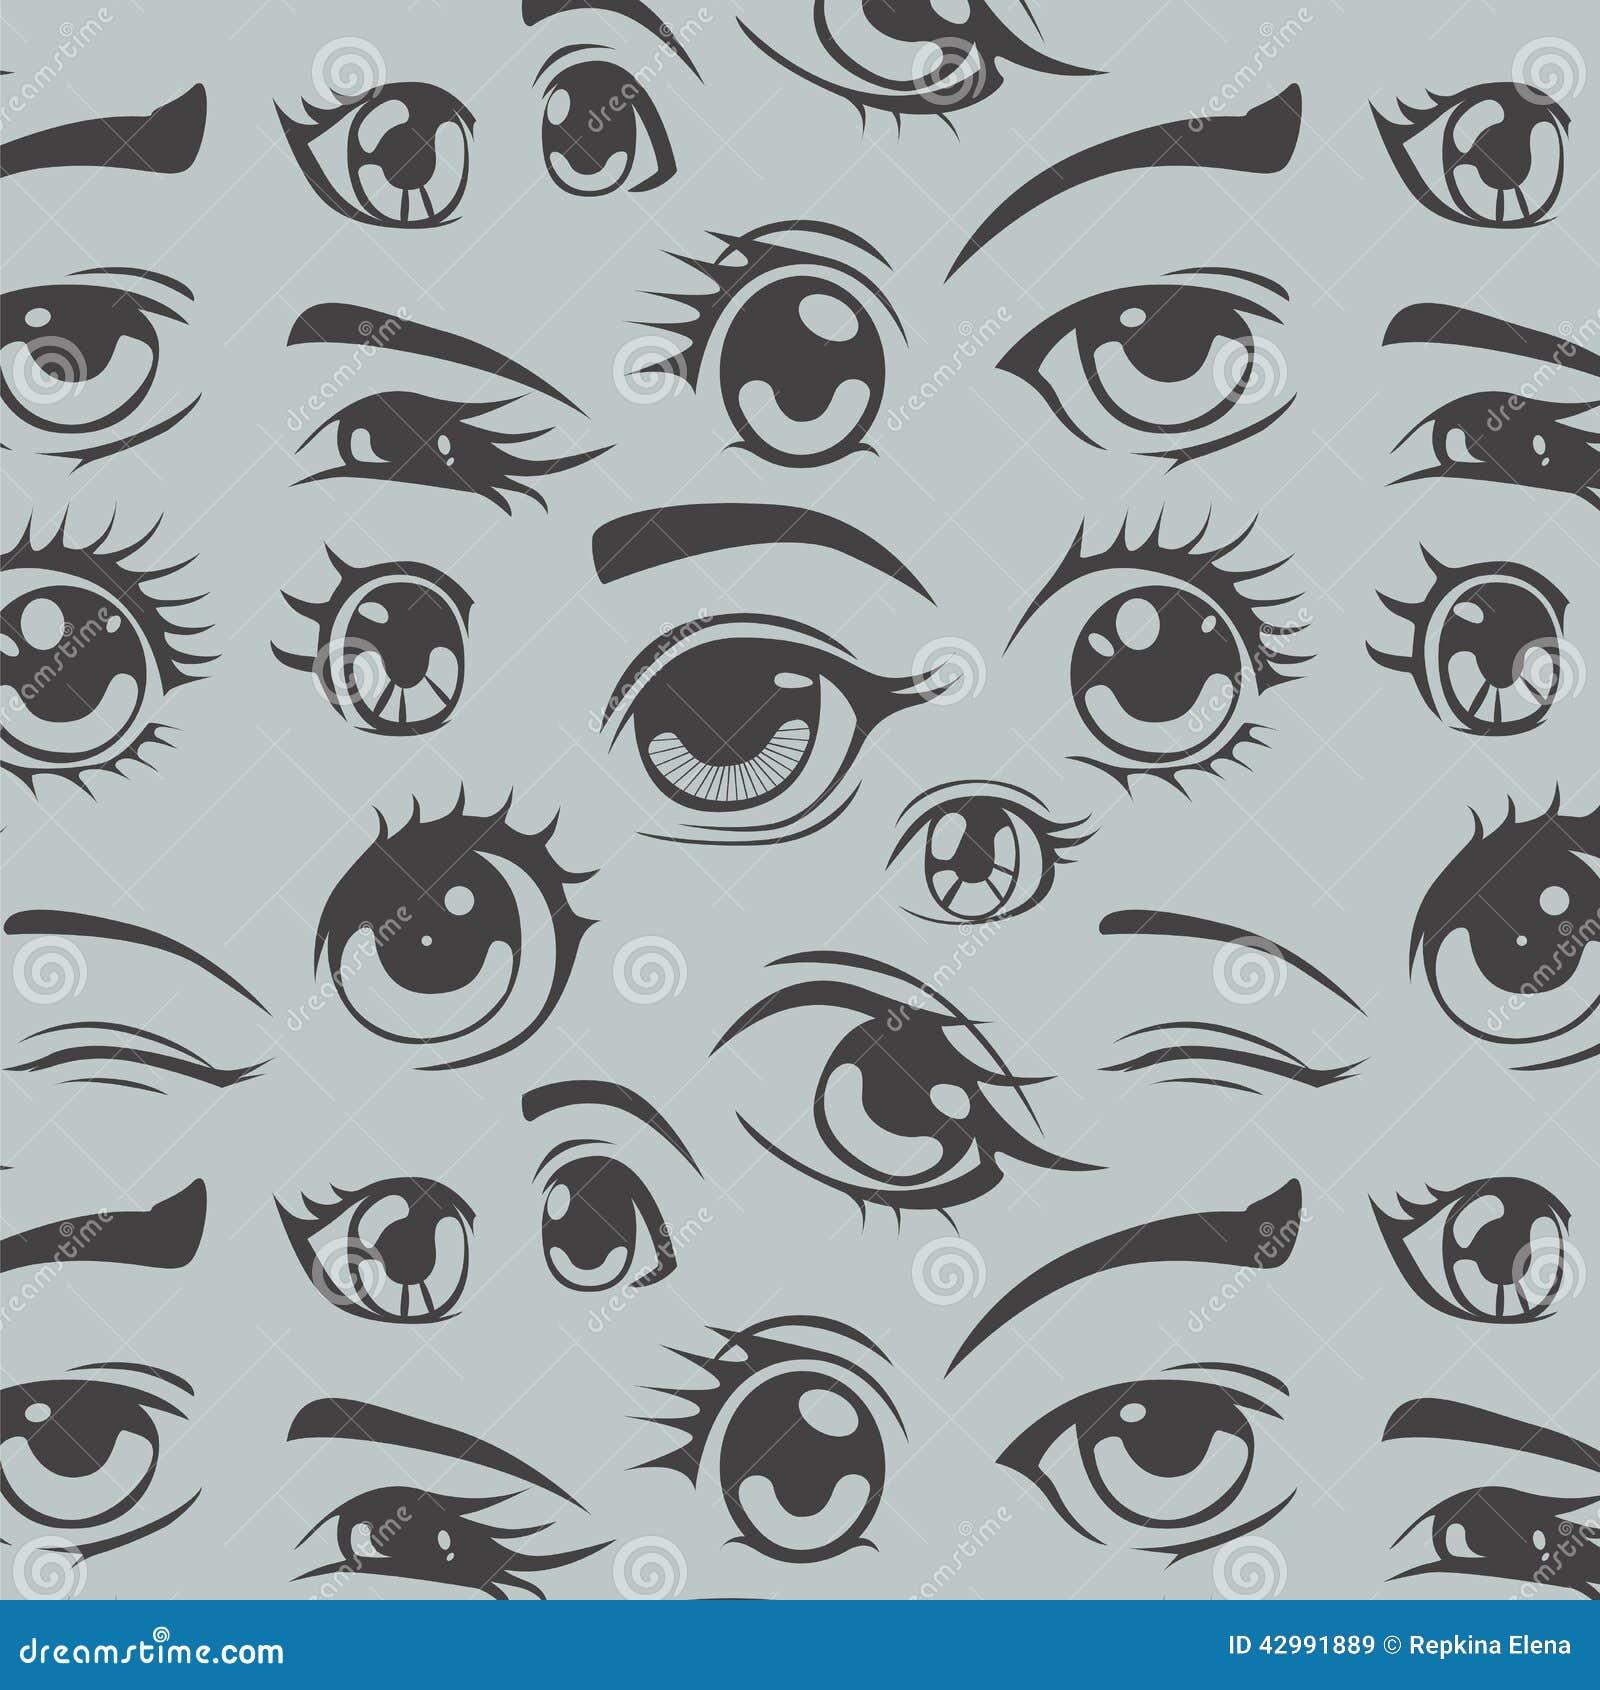 Eyes Of Anime Seamless Pattern